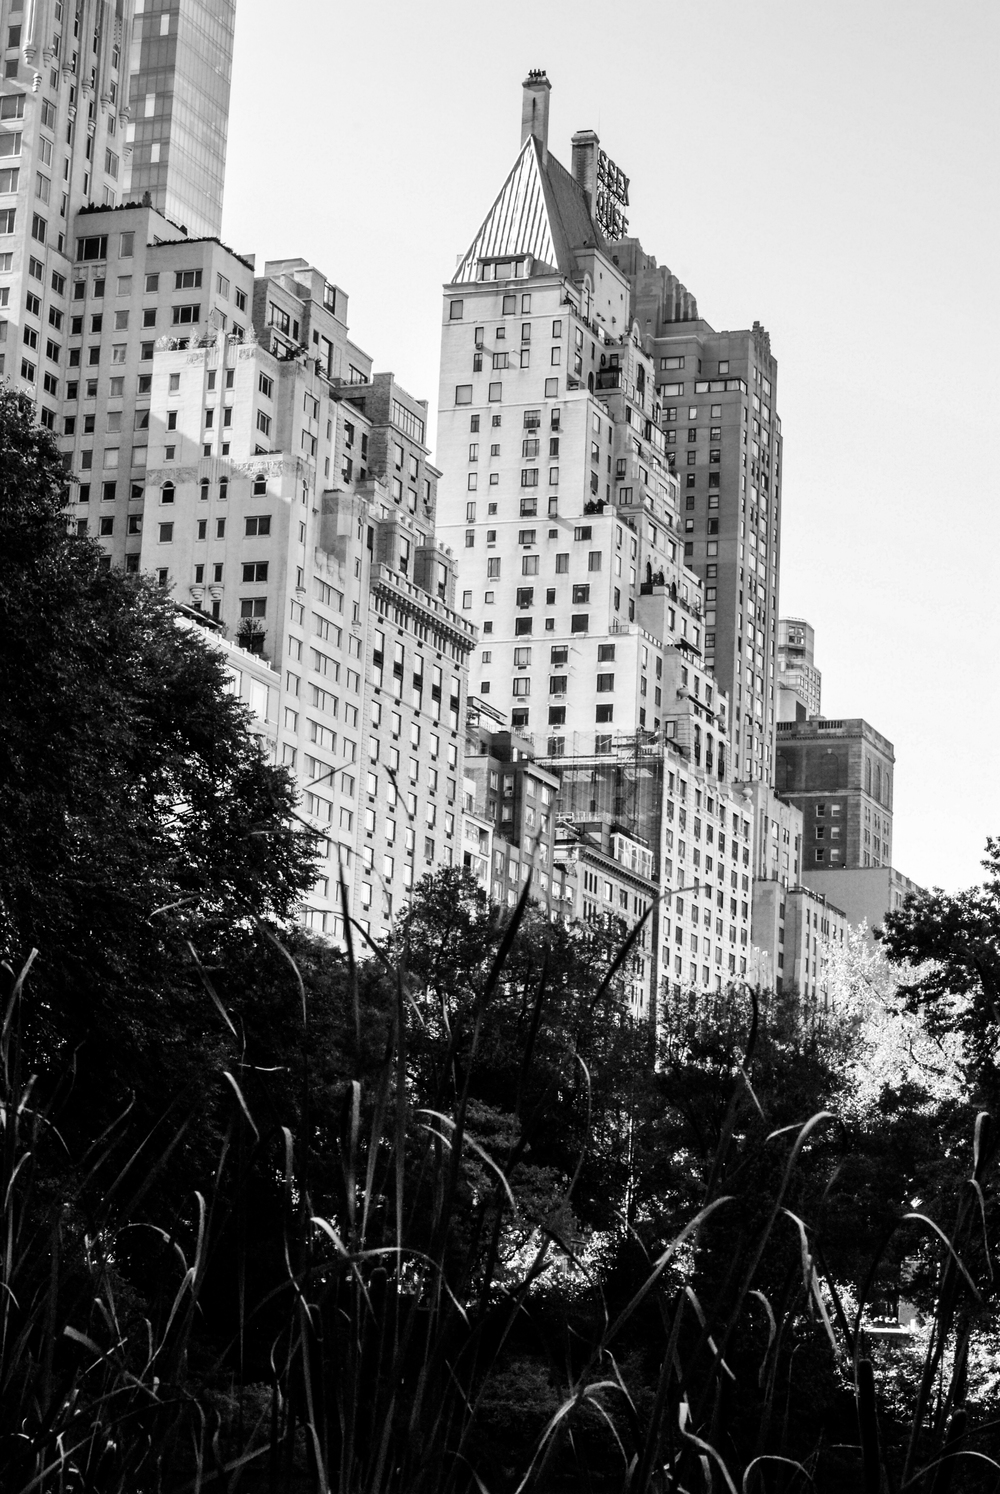 NYC_CityShots-0007.JPG